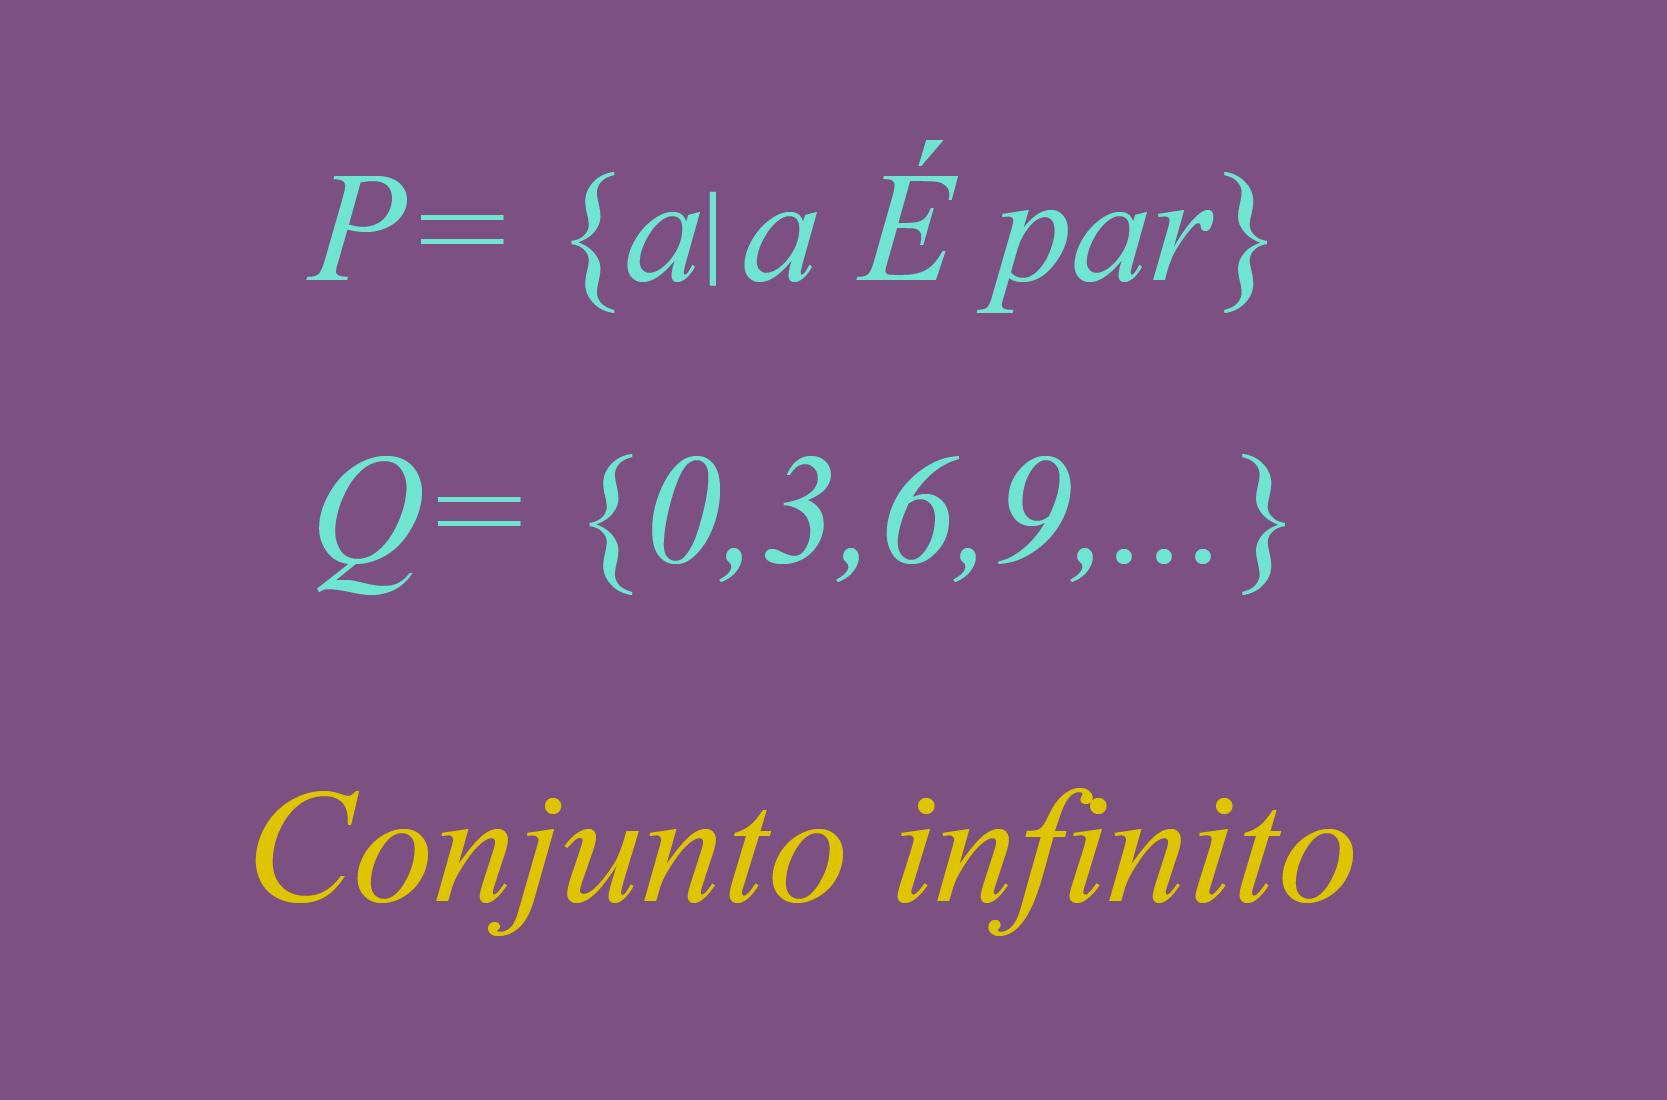 Conjunto infinito